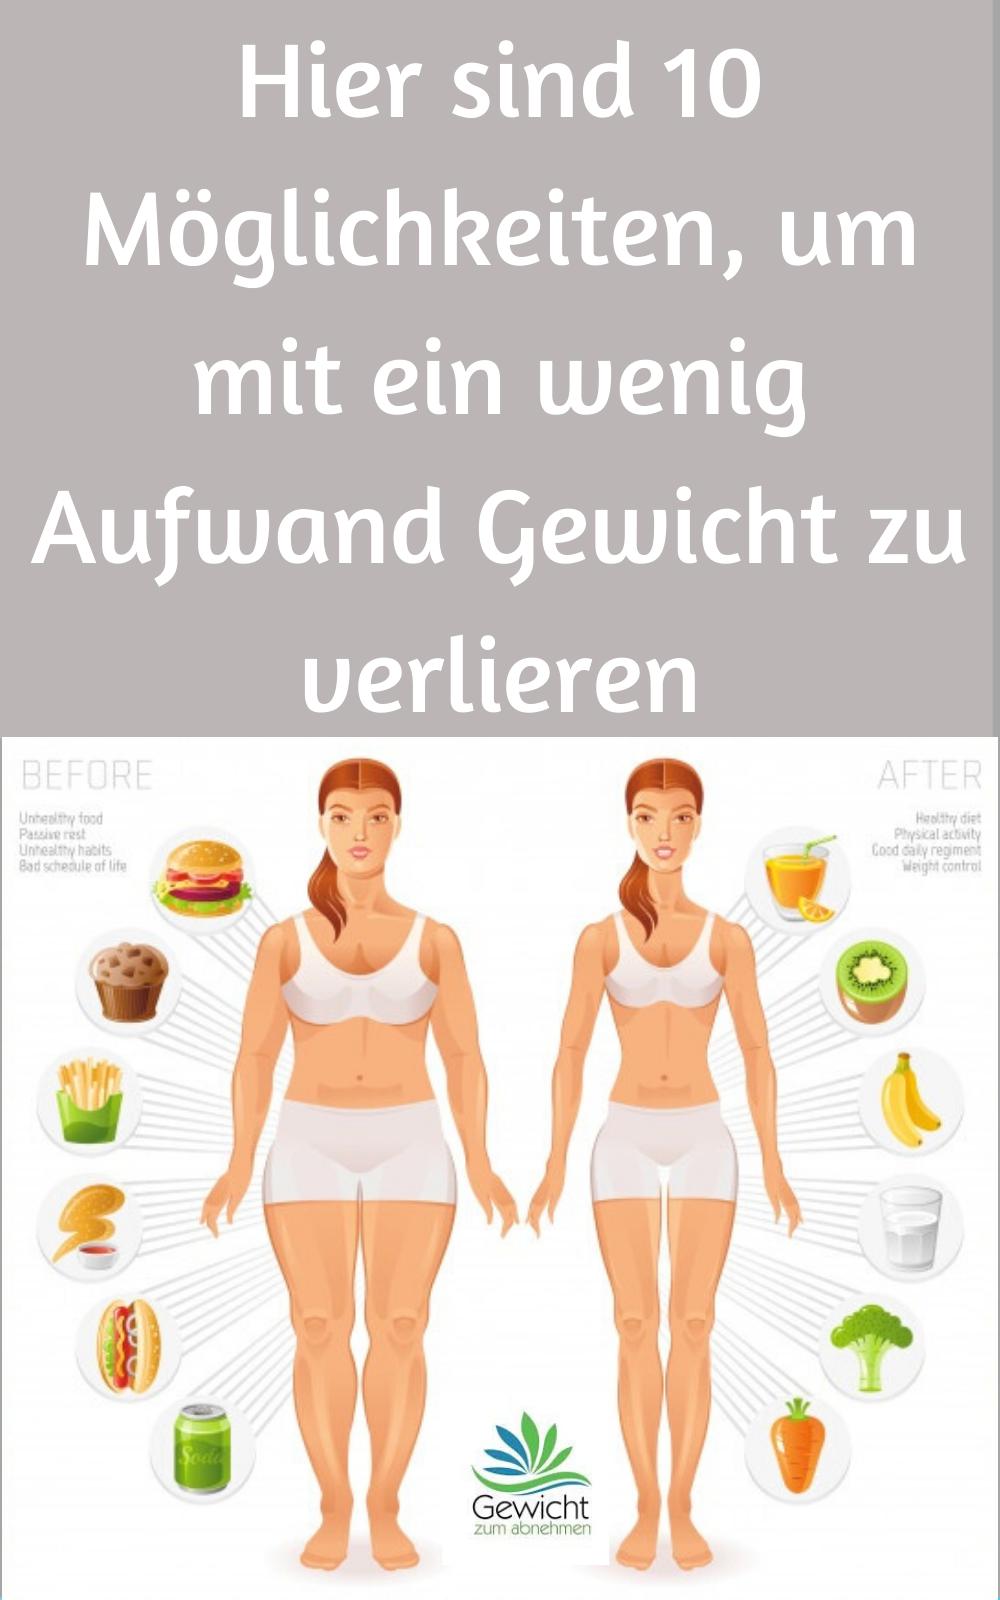 Die beste Diät, um in kurzer Zeit Gewicht zu verlieren